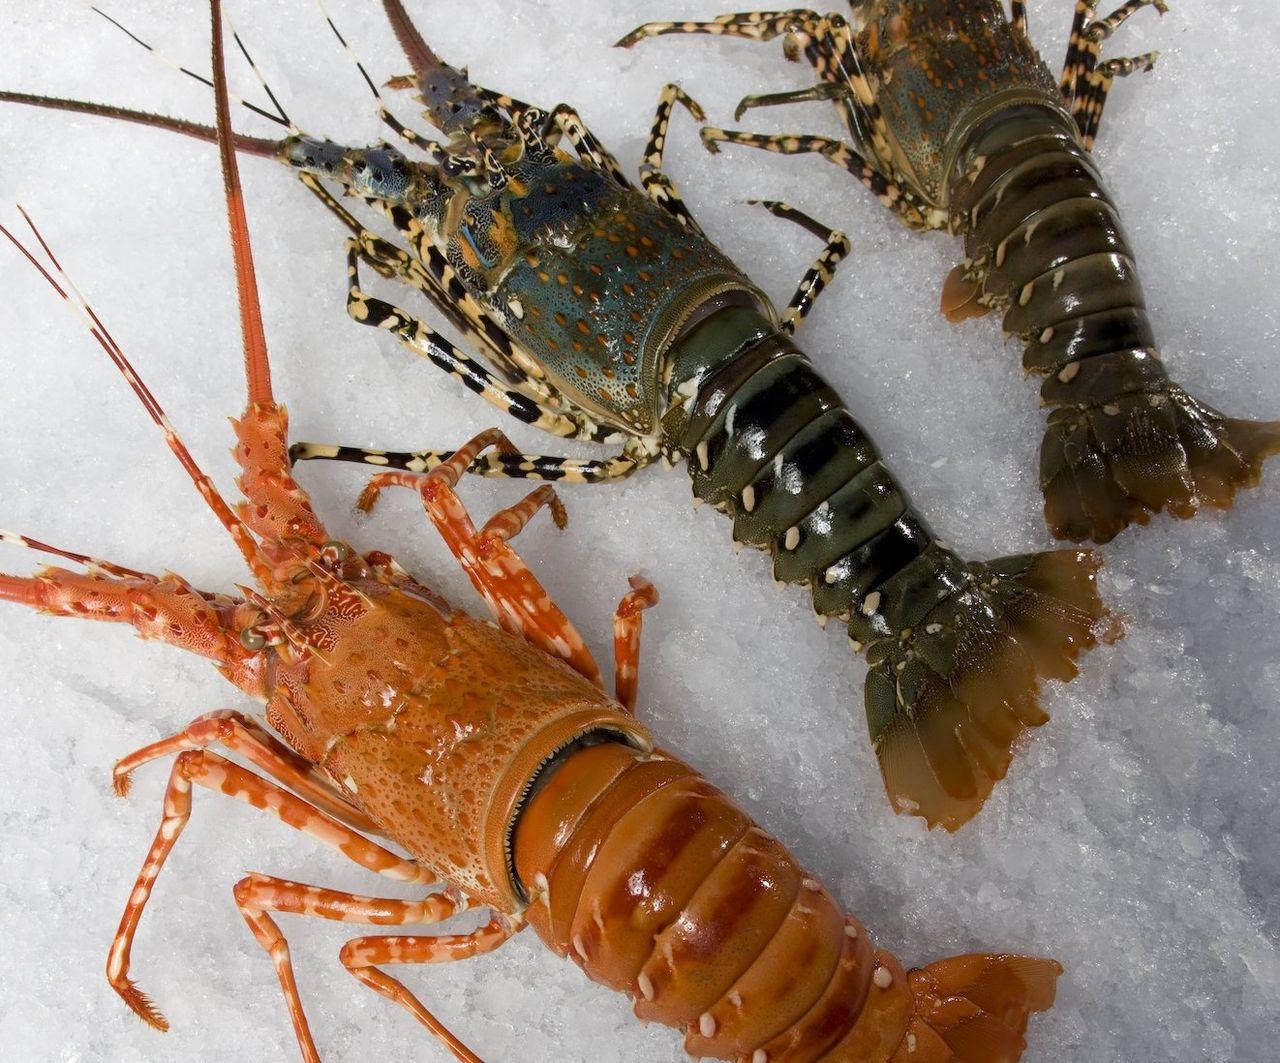 Crise na exportação de lagosta, imagem lagosta